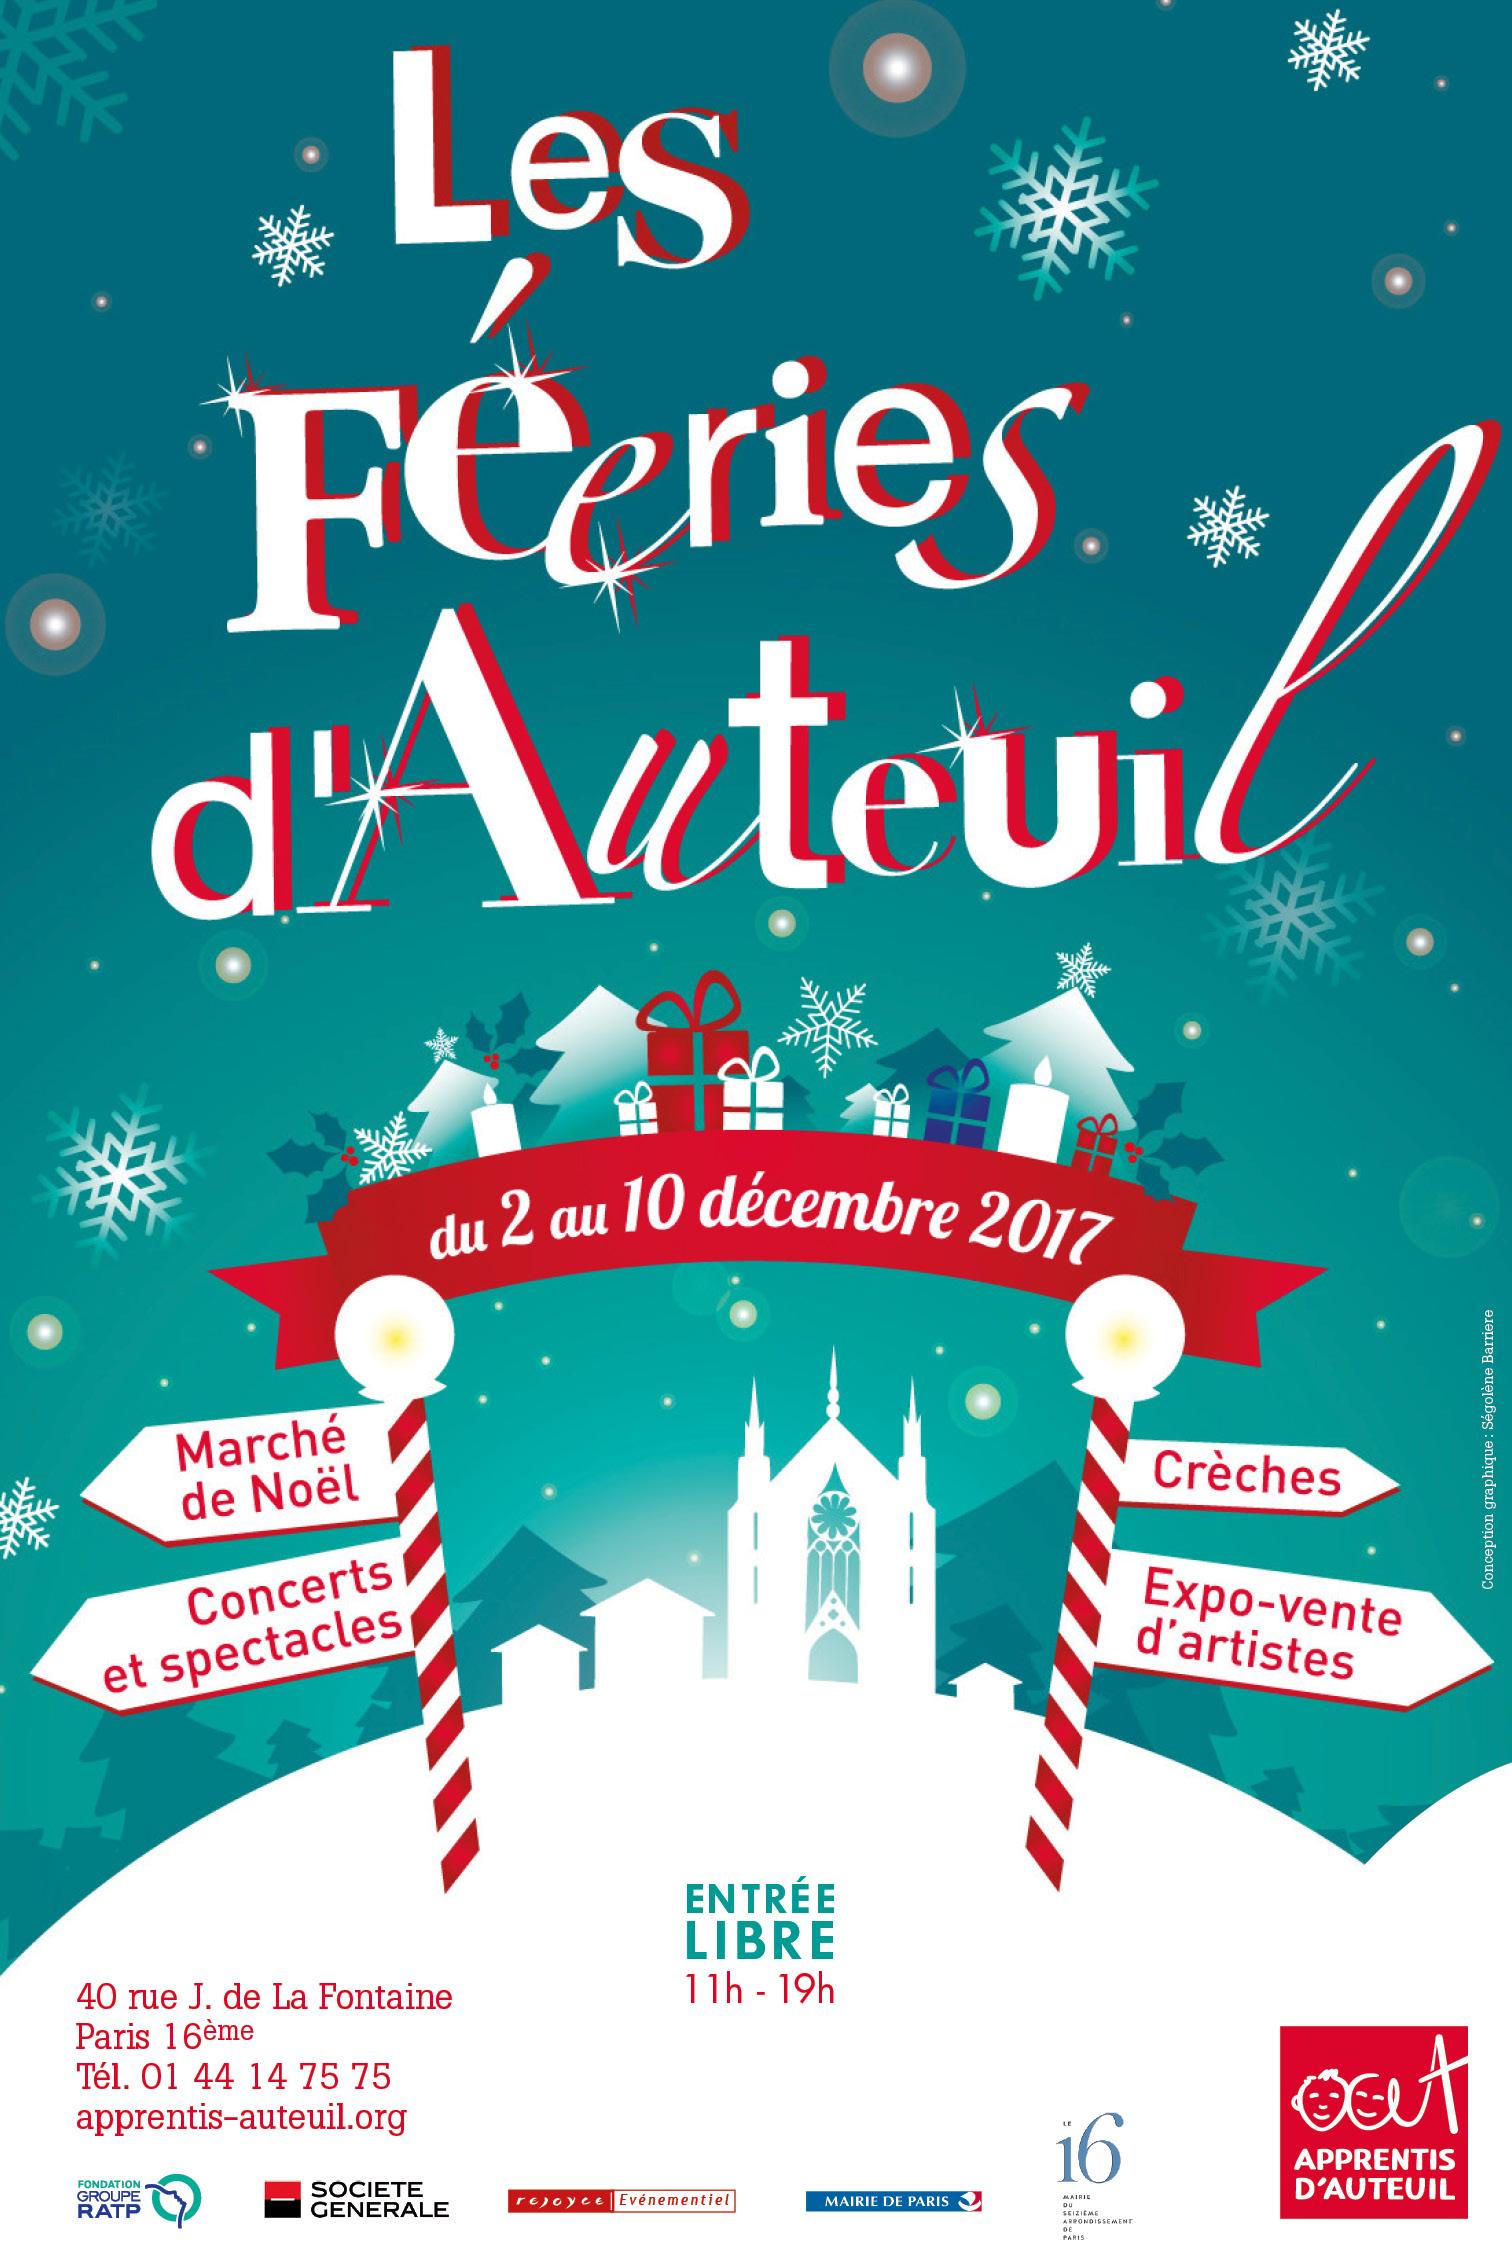 Féeries d'Auteuil 2017